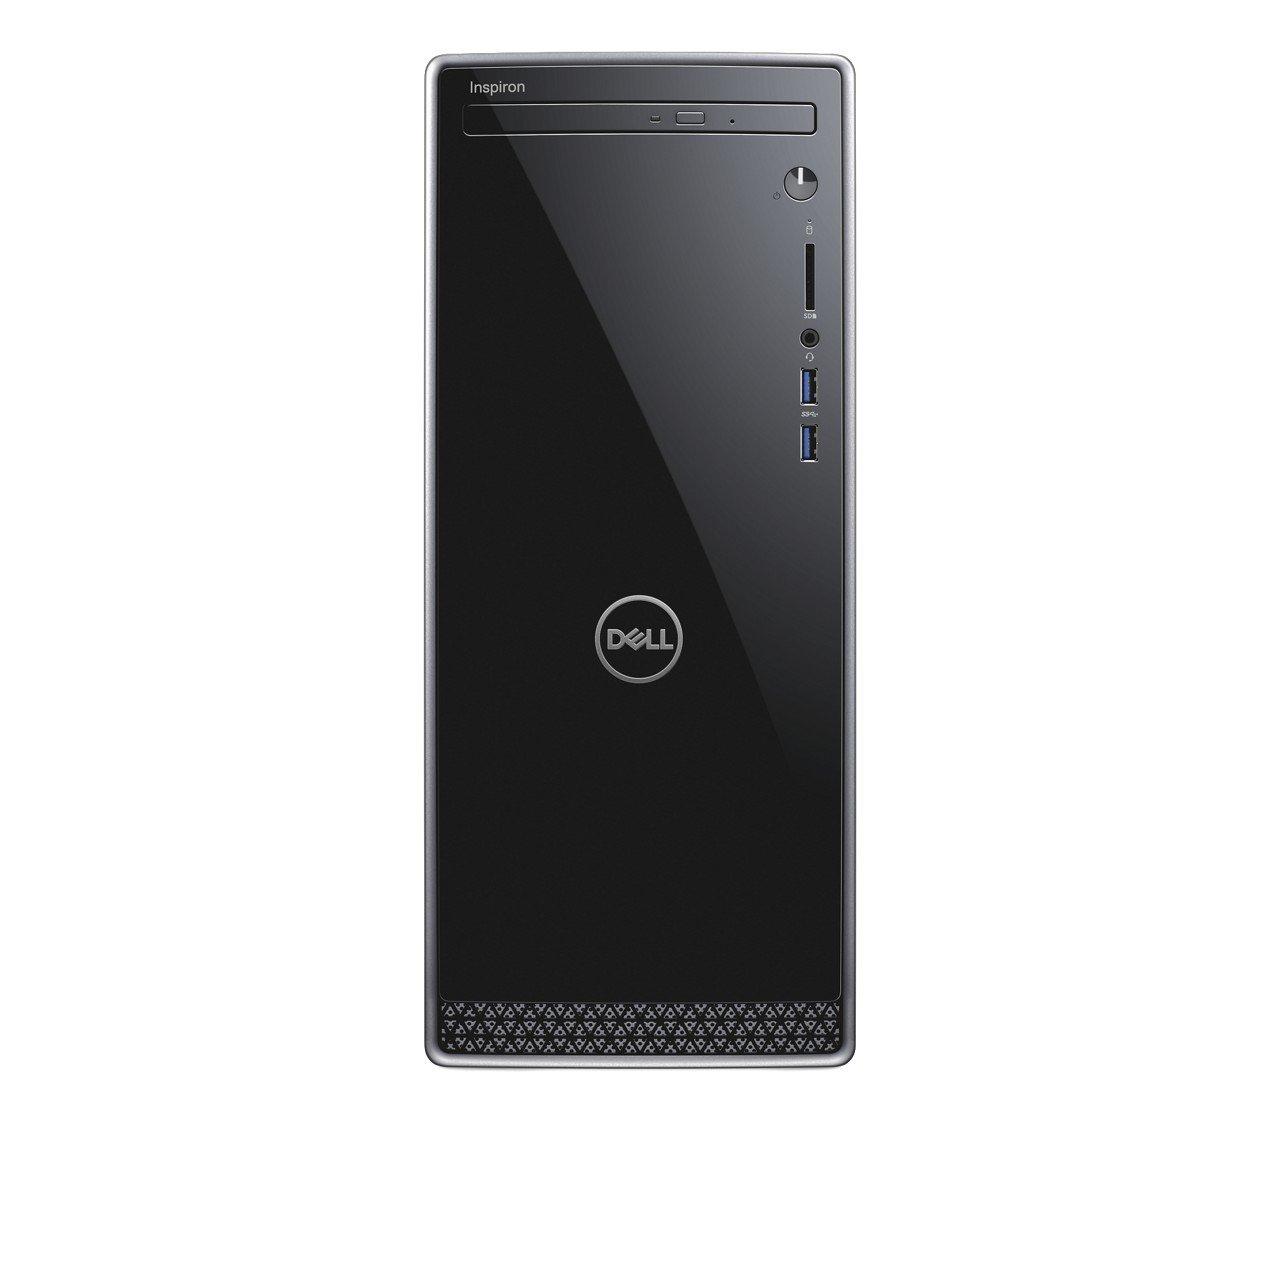 Dell Inspiron Processor Microsoft DDR4 2400